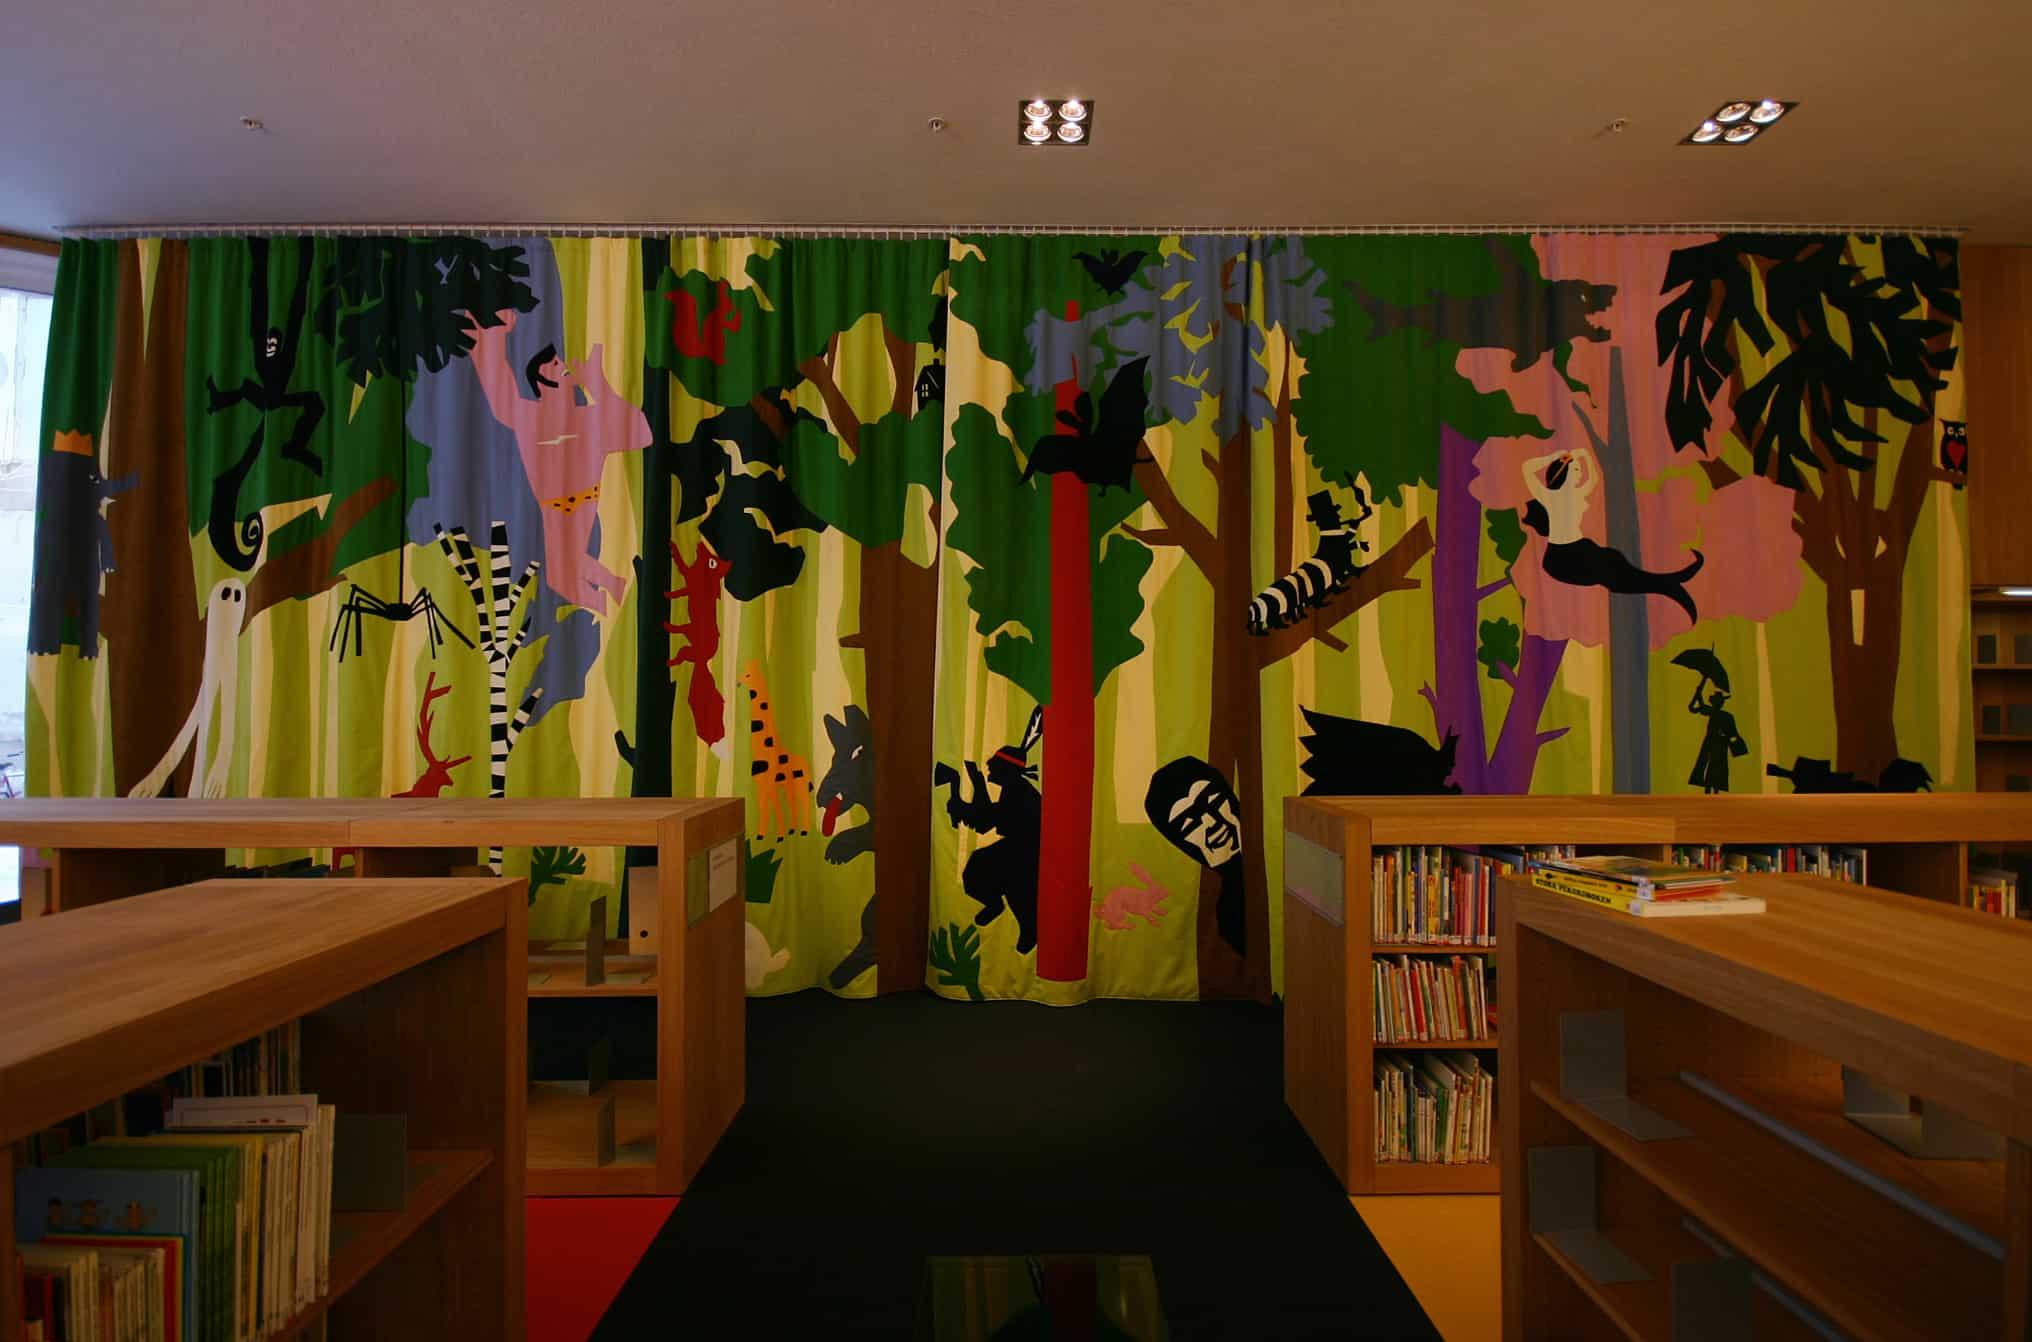 Turun kaupunginkirjaston taideverhot lastenosastolla